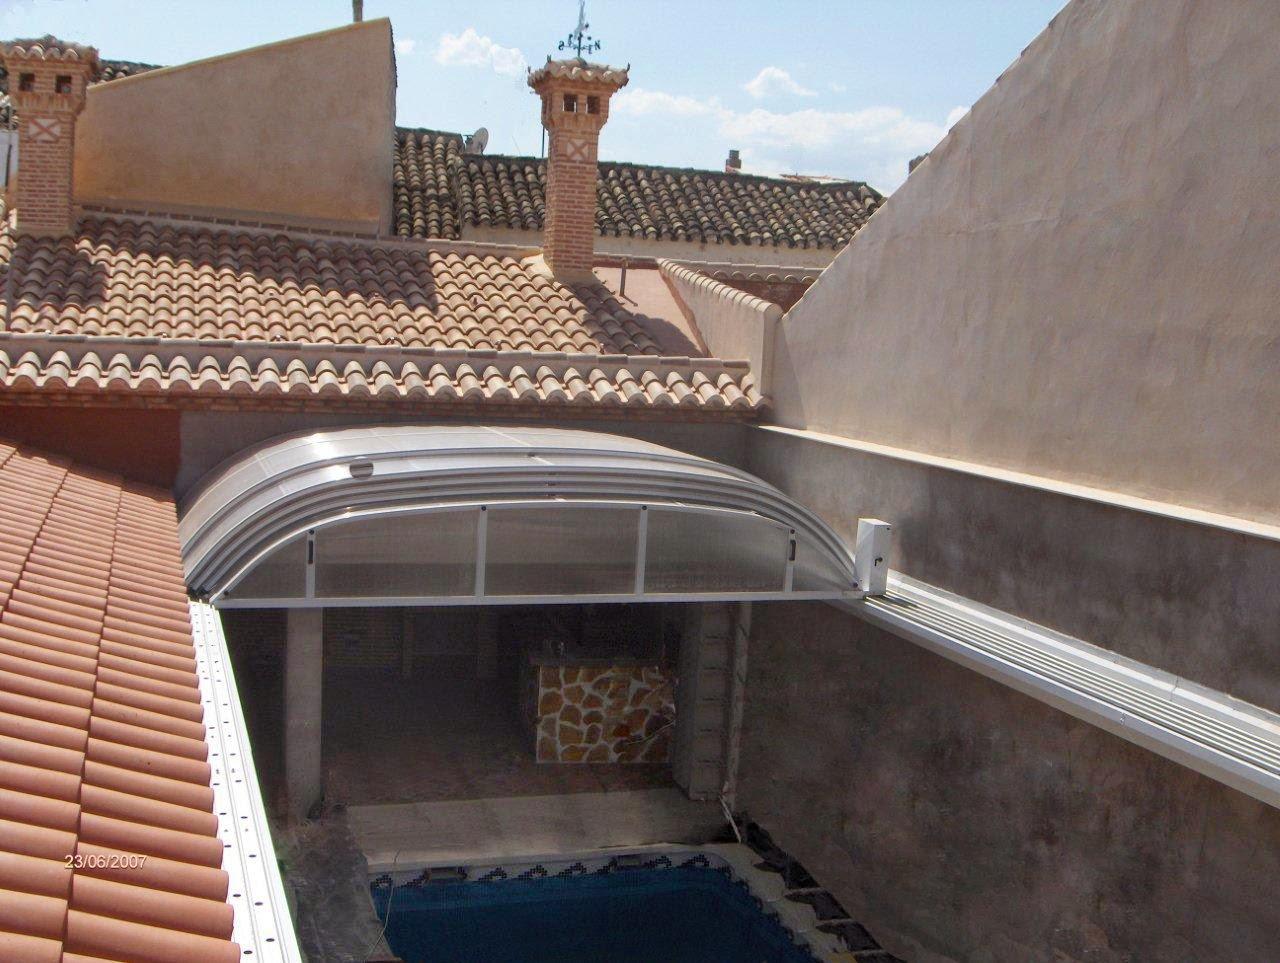 Policarbonato del techo o cubierta de la piscina for Cerramientos patios interiores